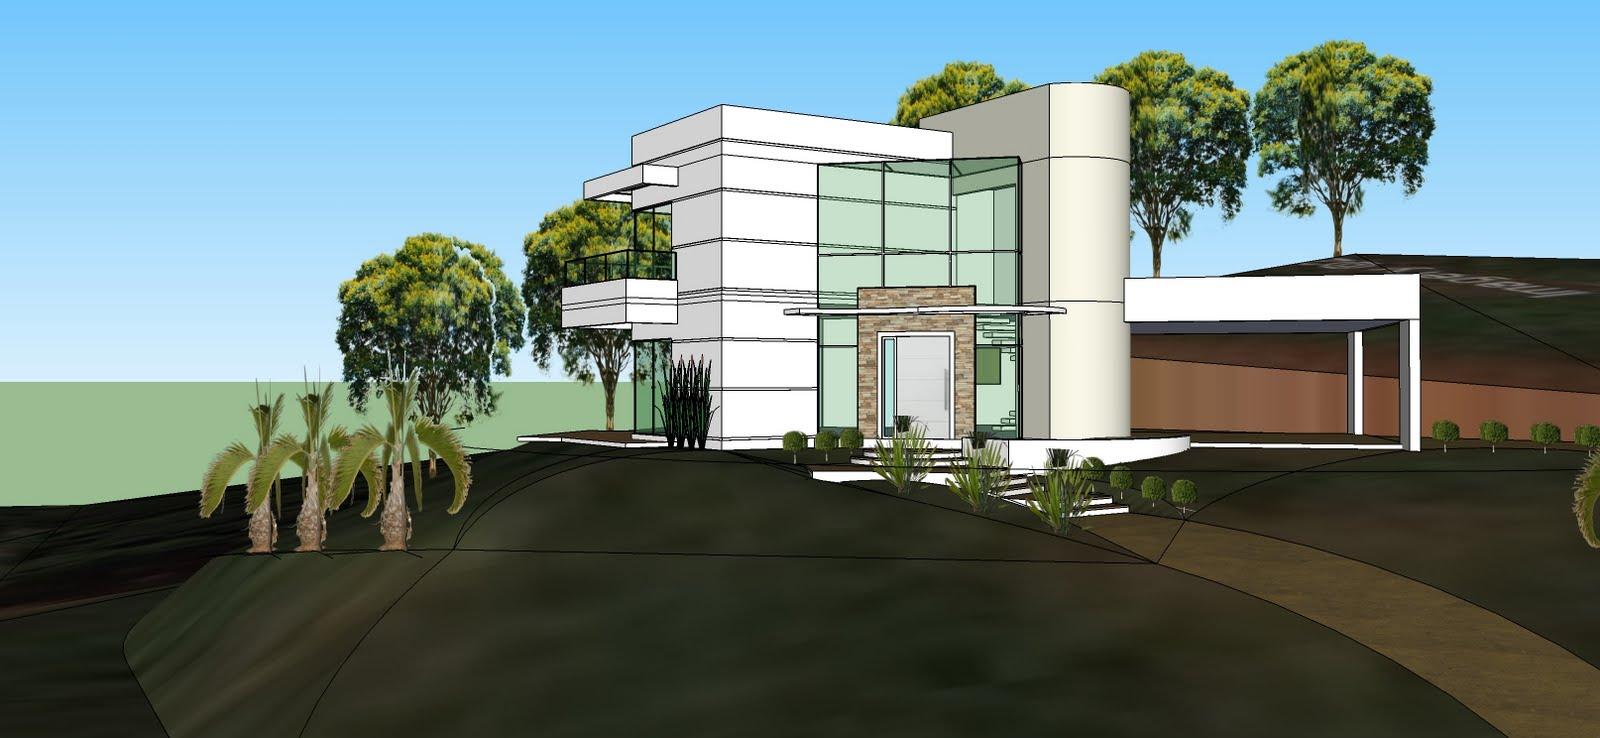 Halla arquitetura e urbanismo casa contempor nea for Raccordo casa contemporanea